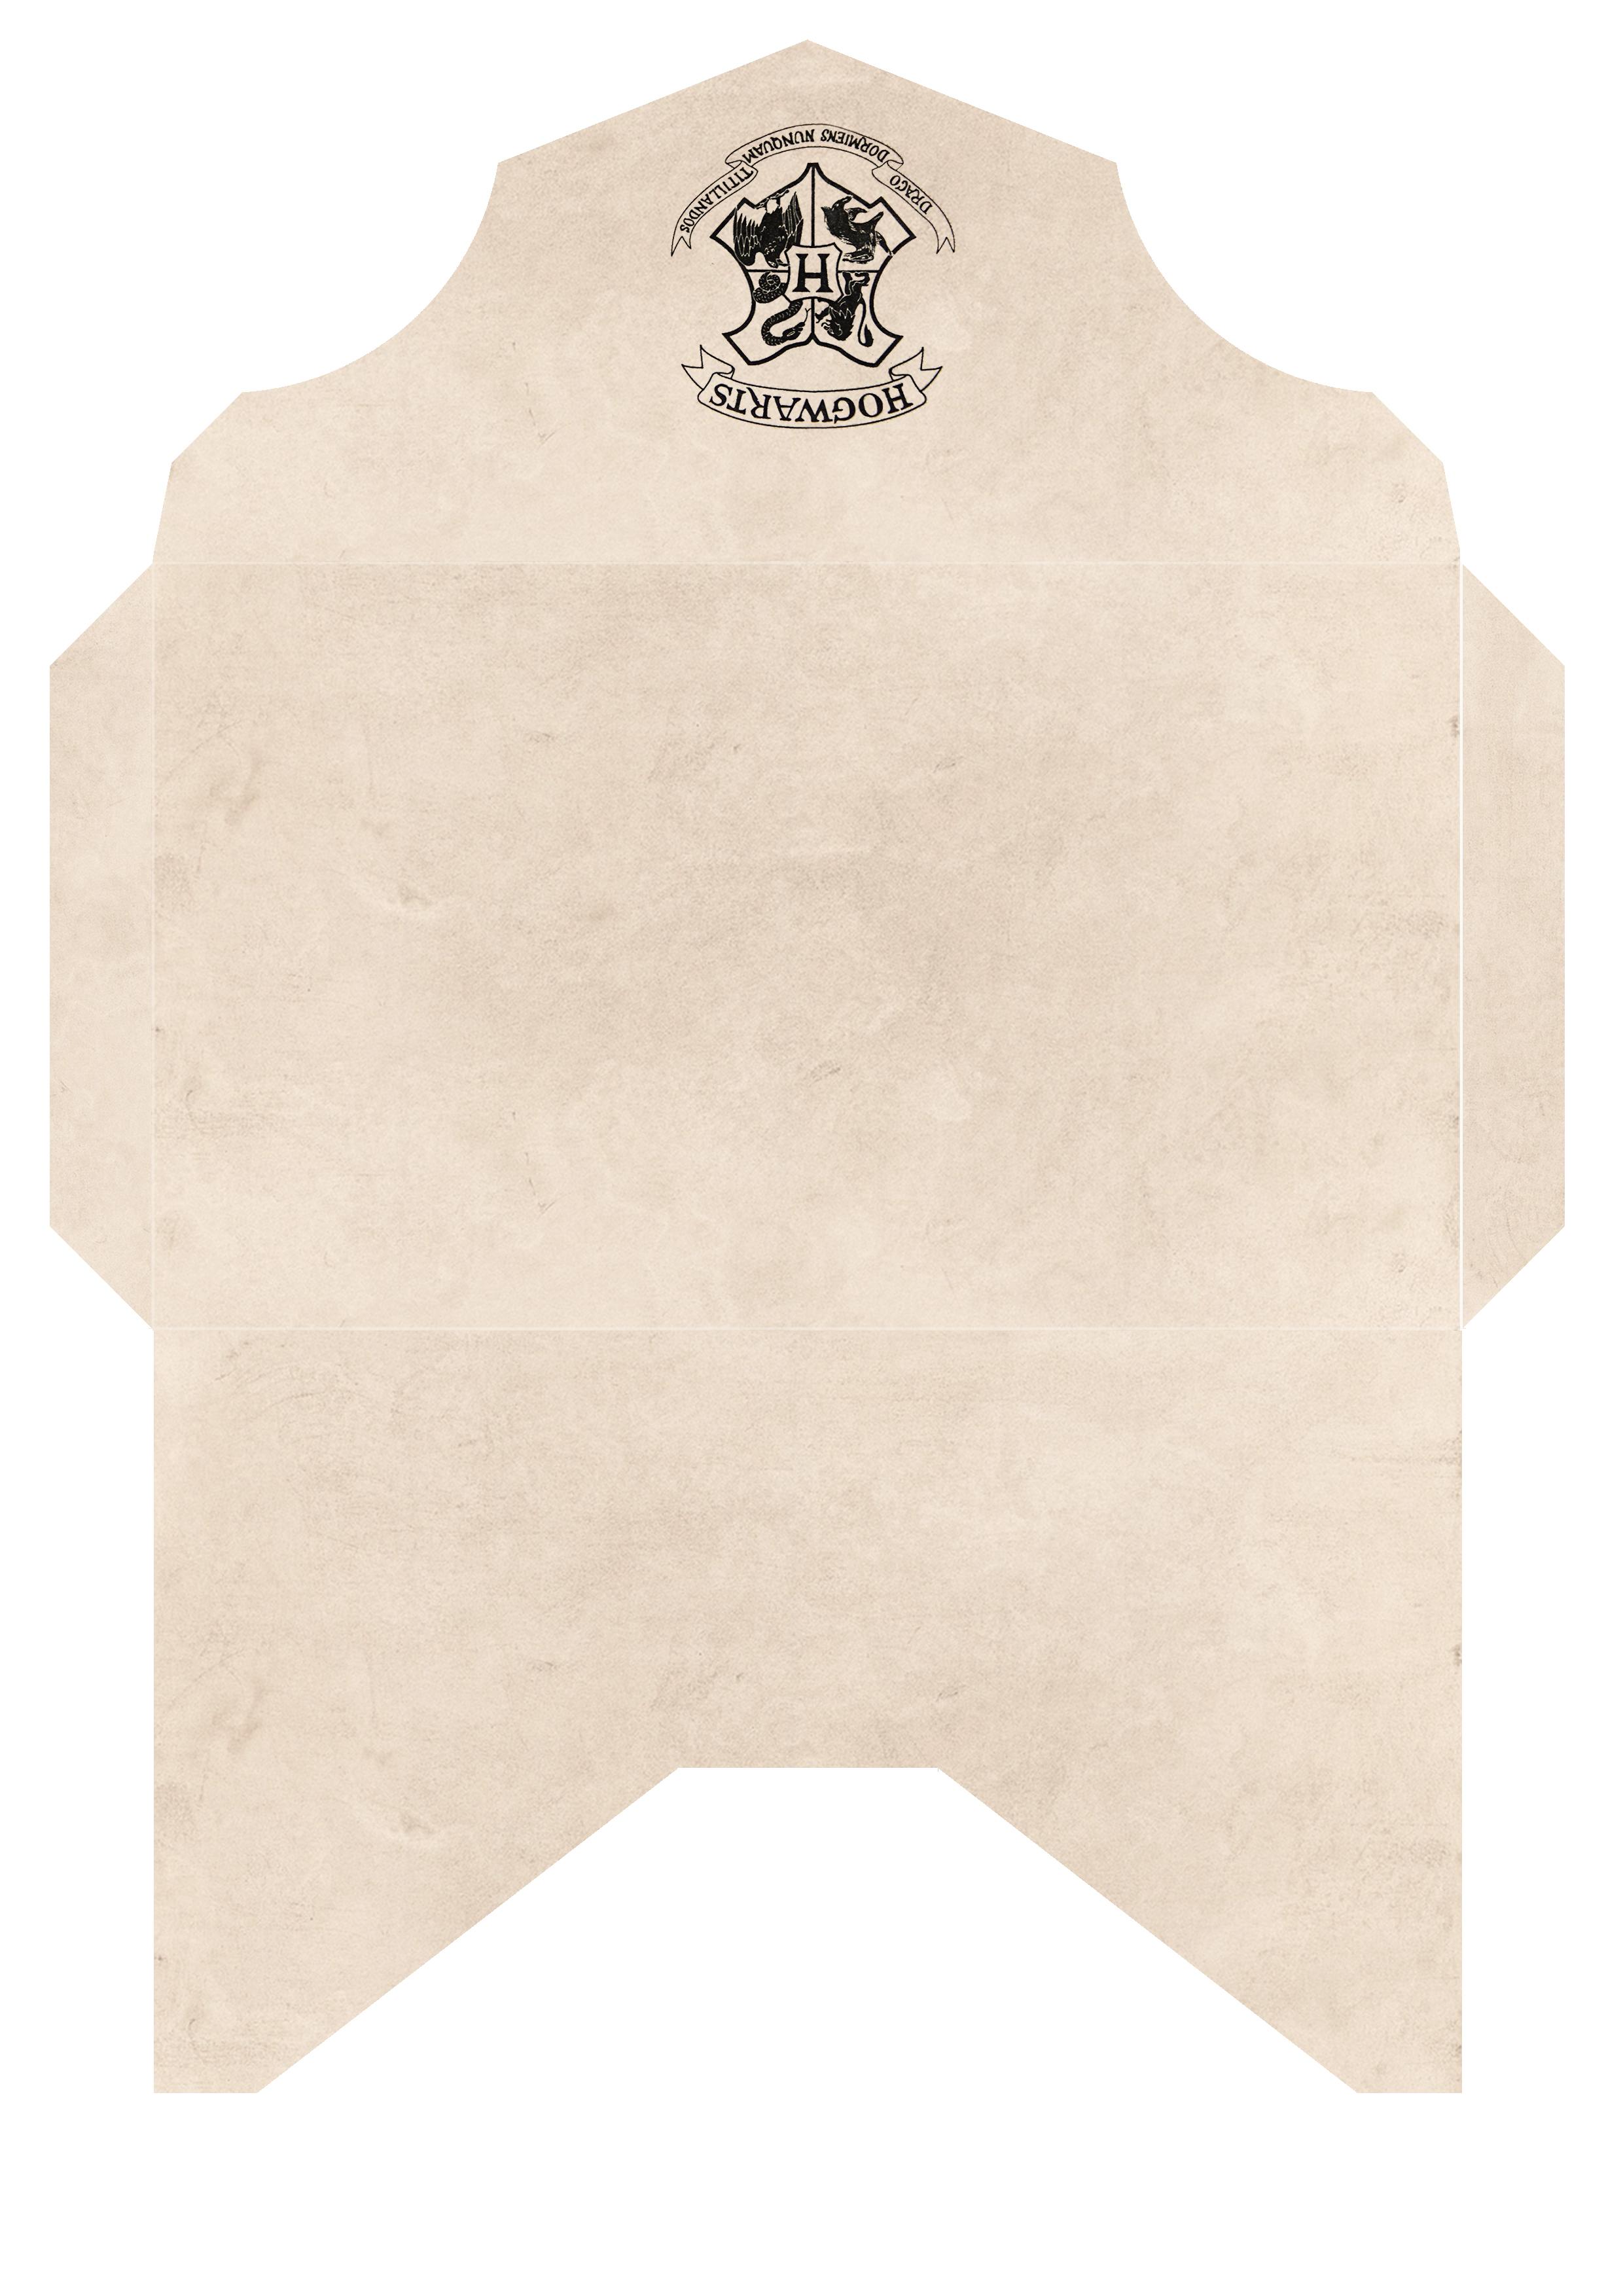 Sur La Voie 9 3 4 Votre Kit Pour Poudlard à Imprimer